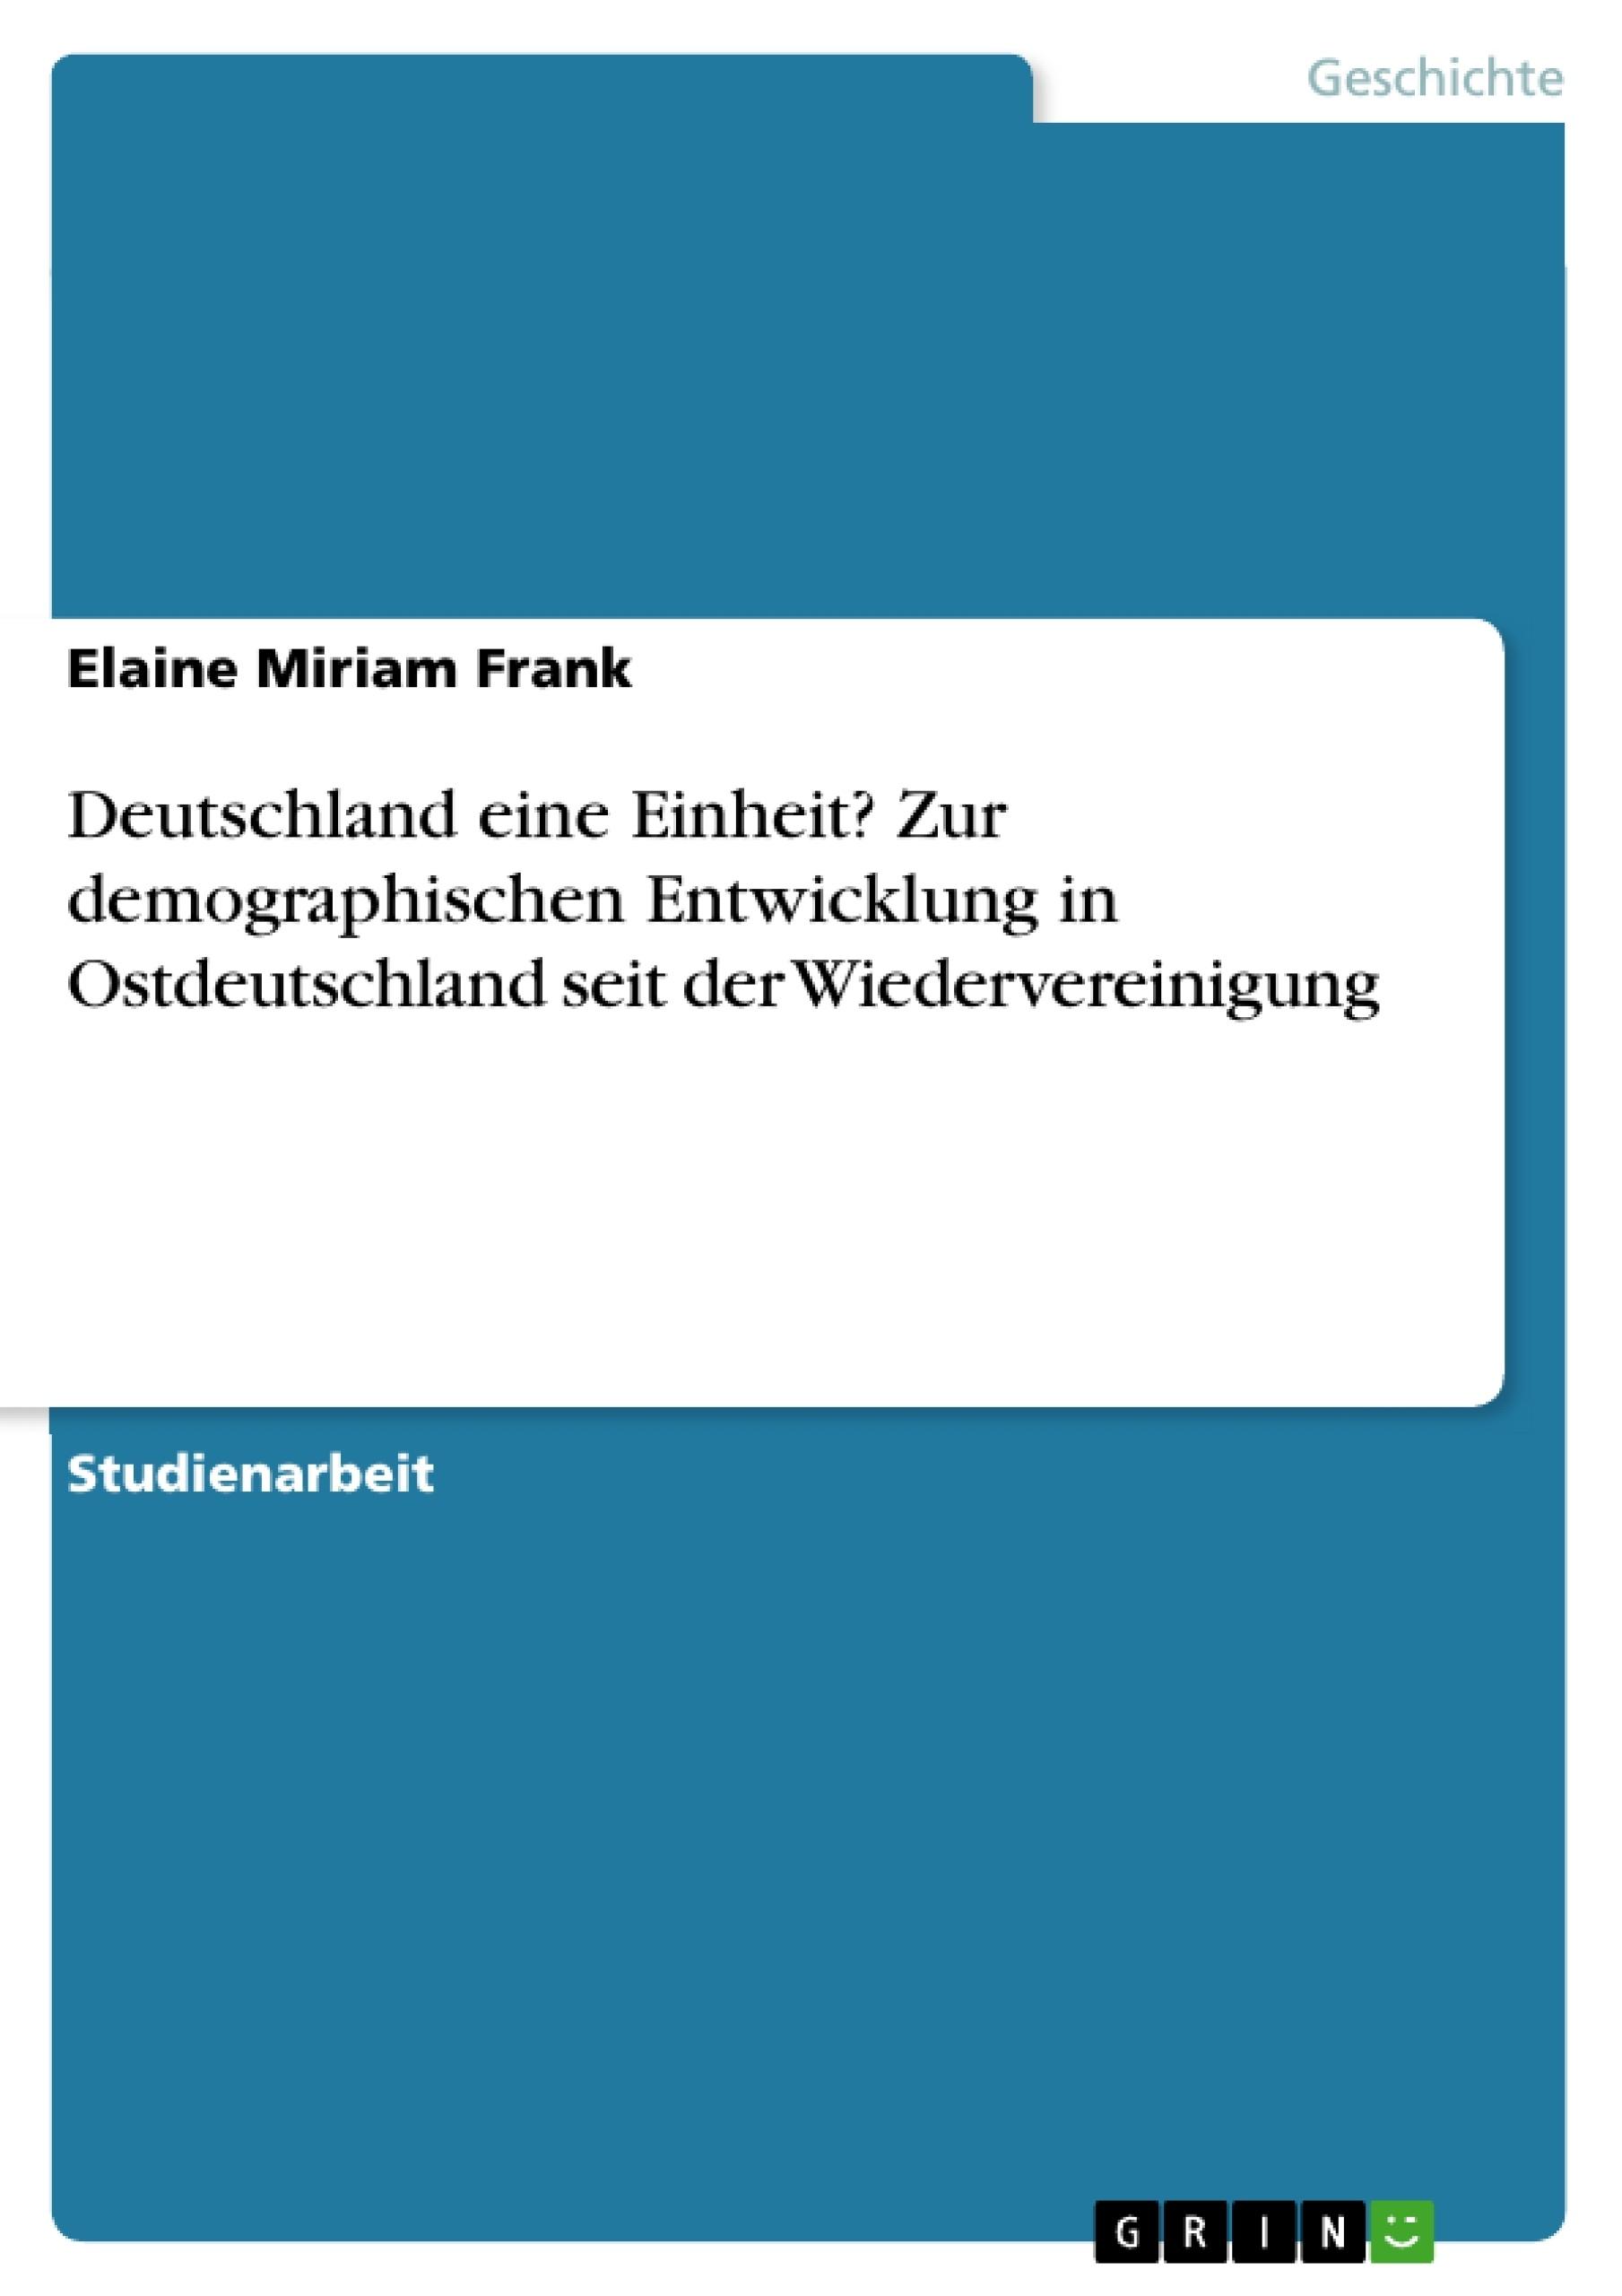 Titel: Deutschland eine Einheit? Zur demographischen Entwicklung in Ostdeutschland seit der Wiedervereinigung